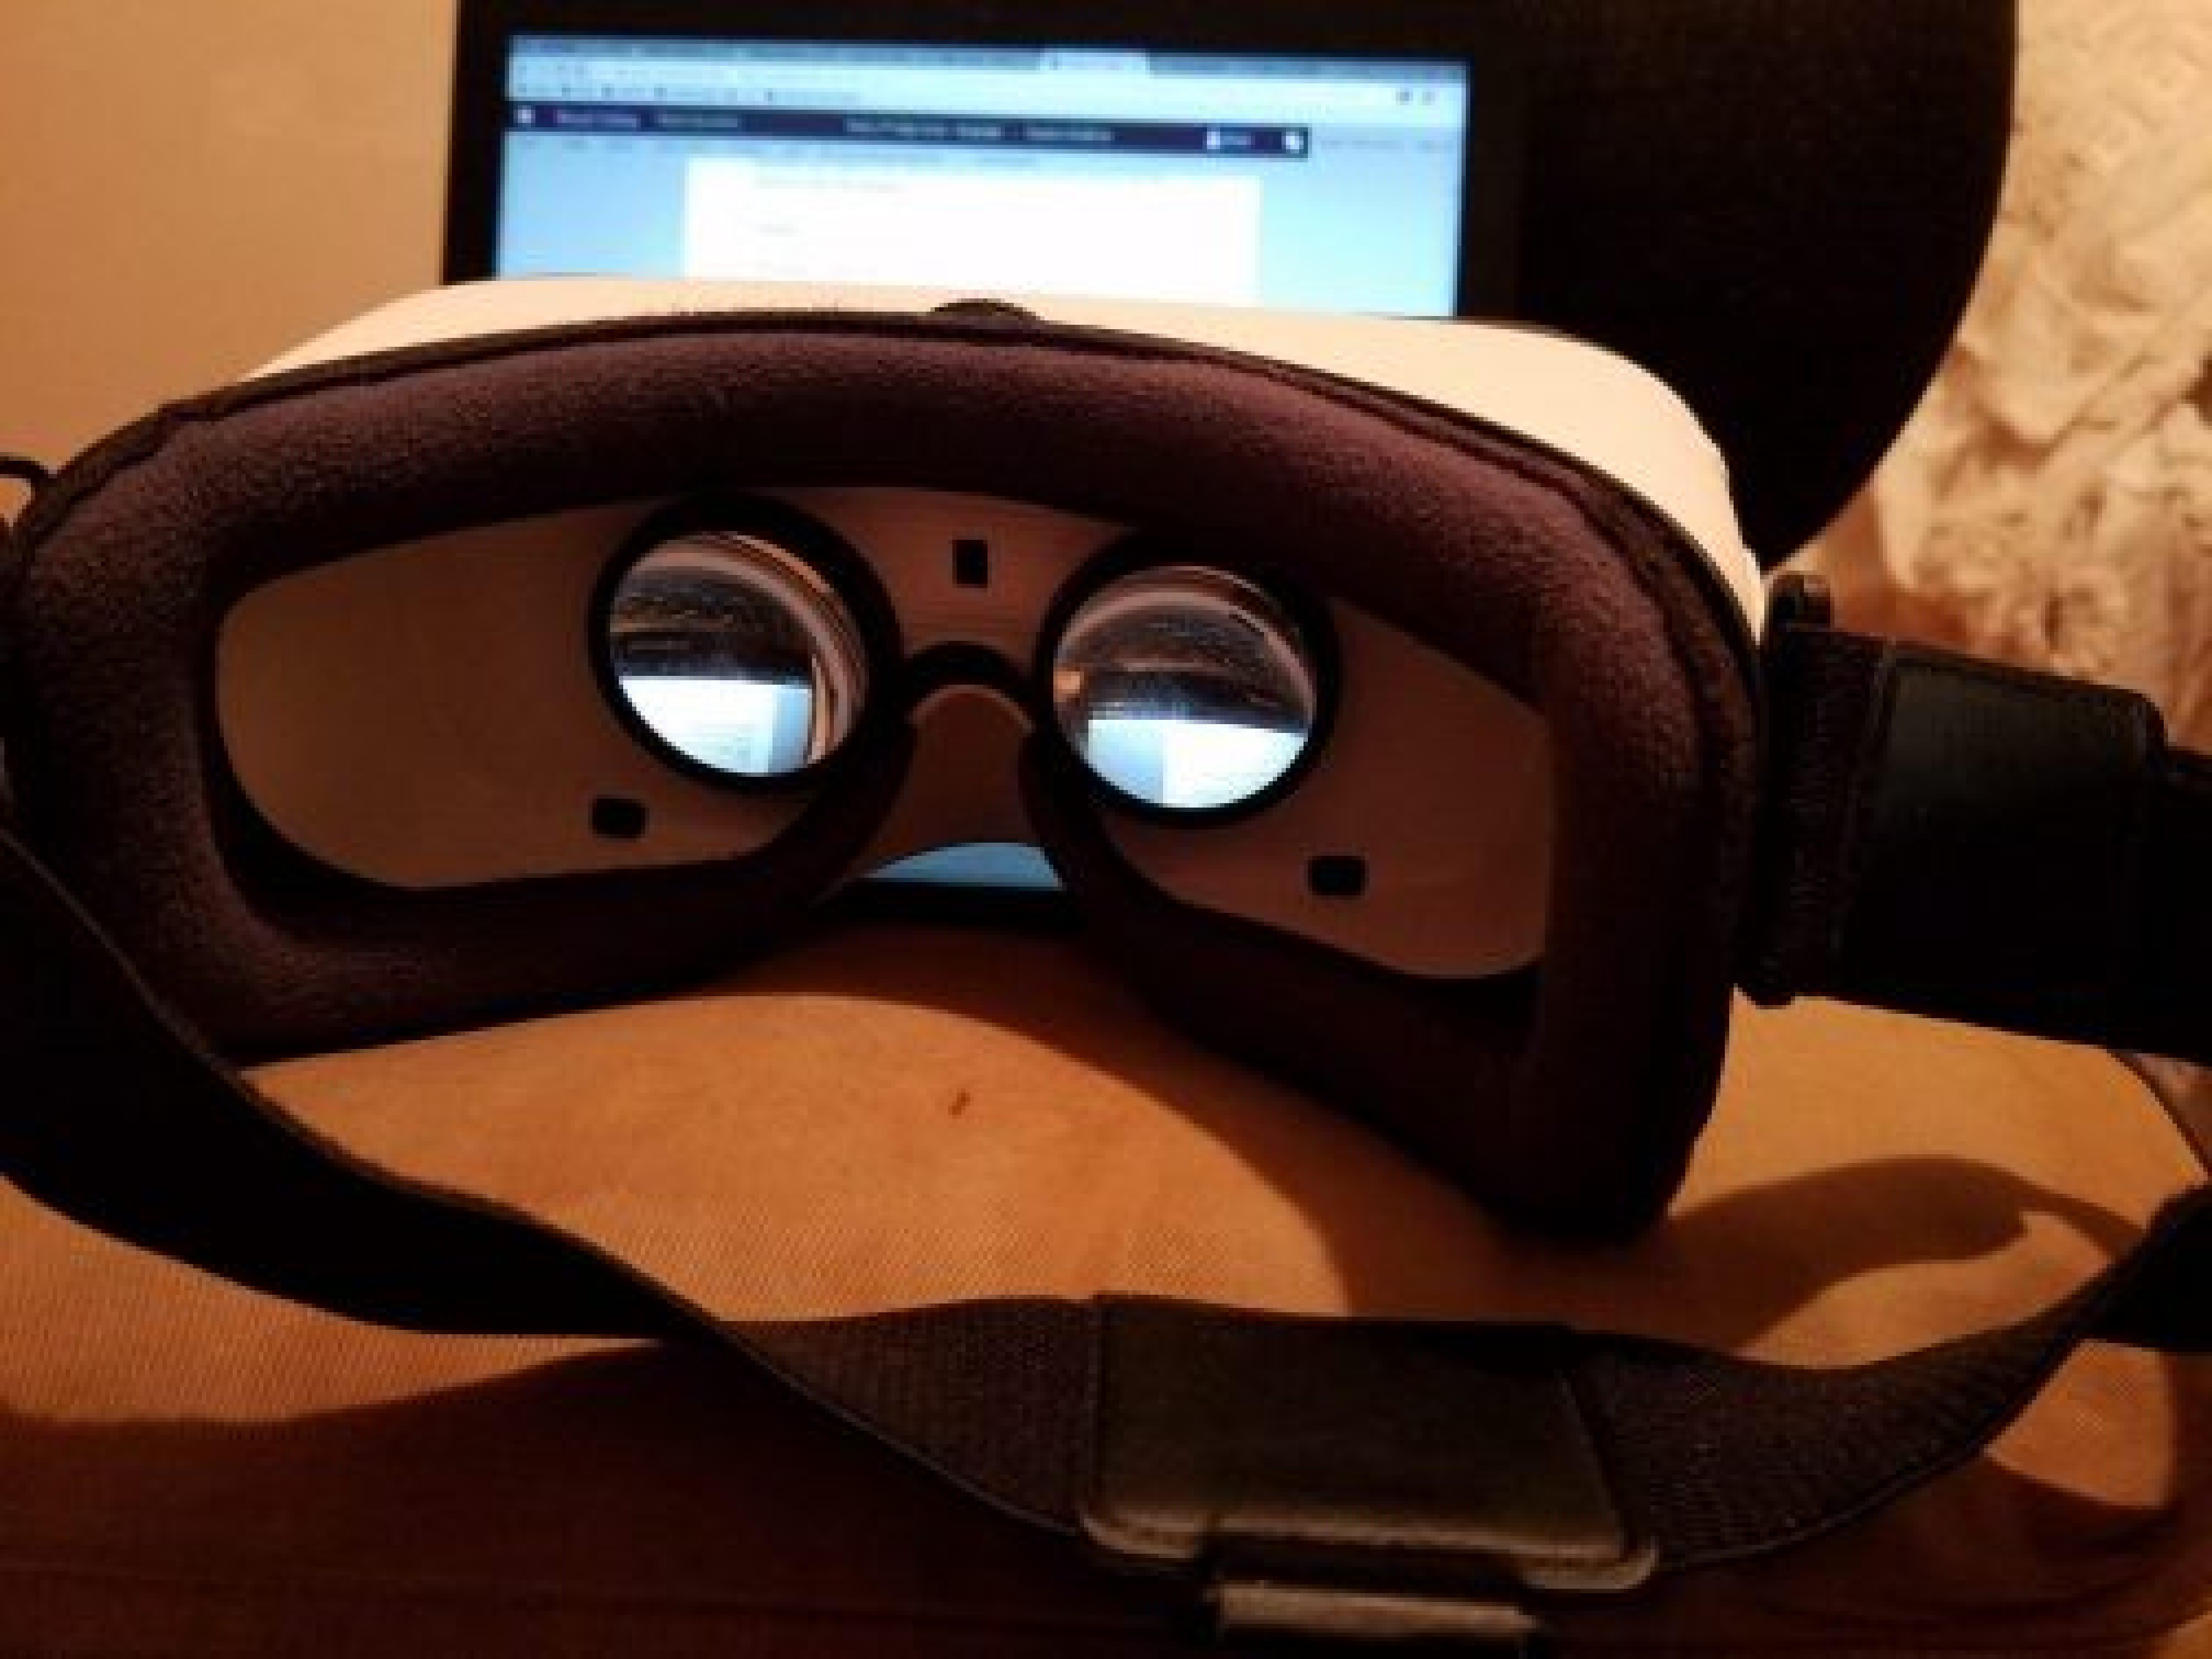 Gear VR photo Galaxy S7 edge